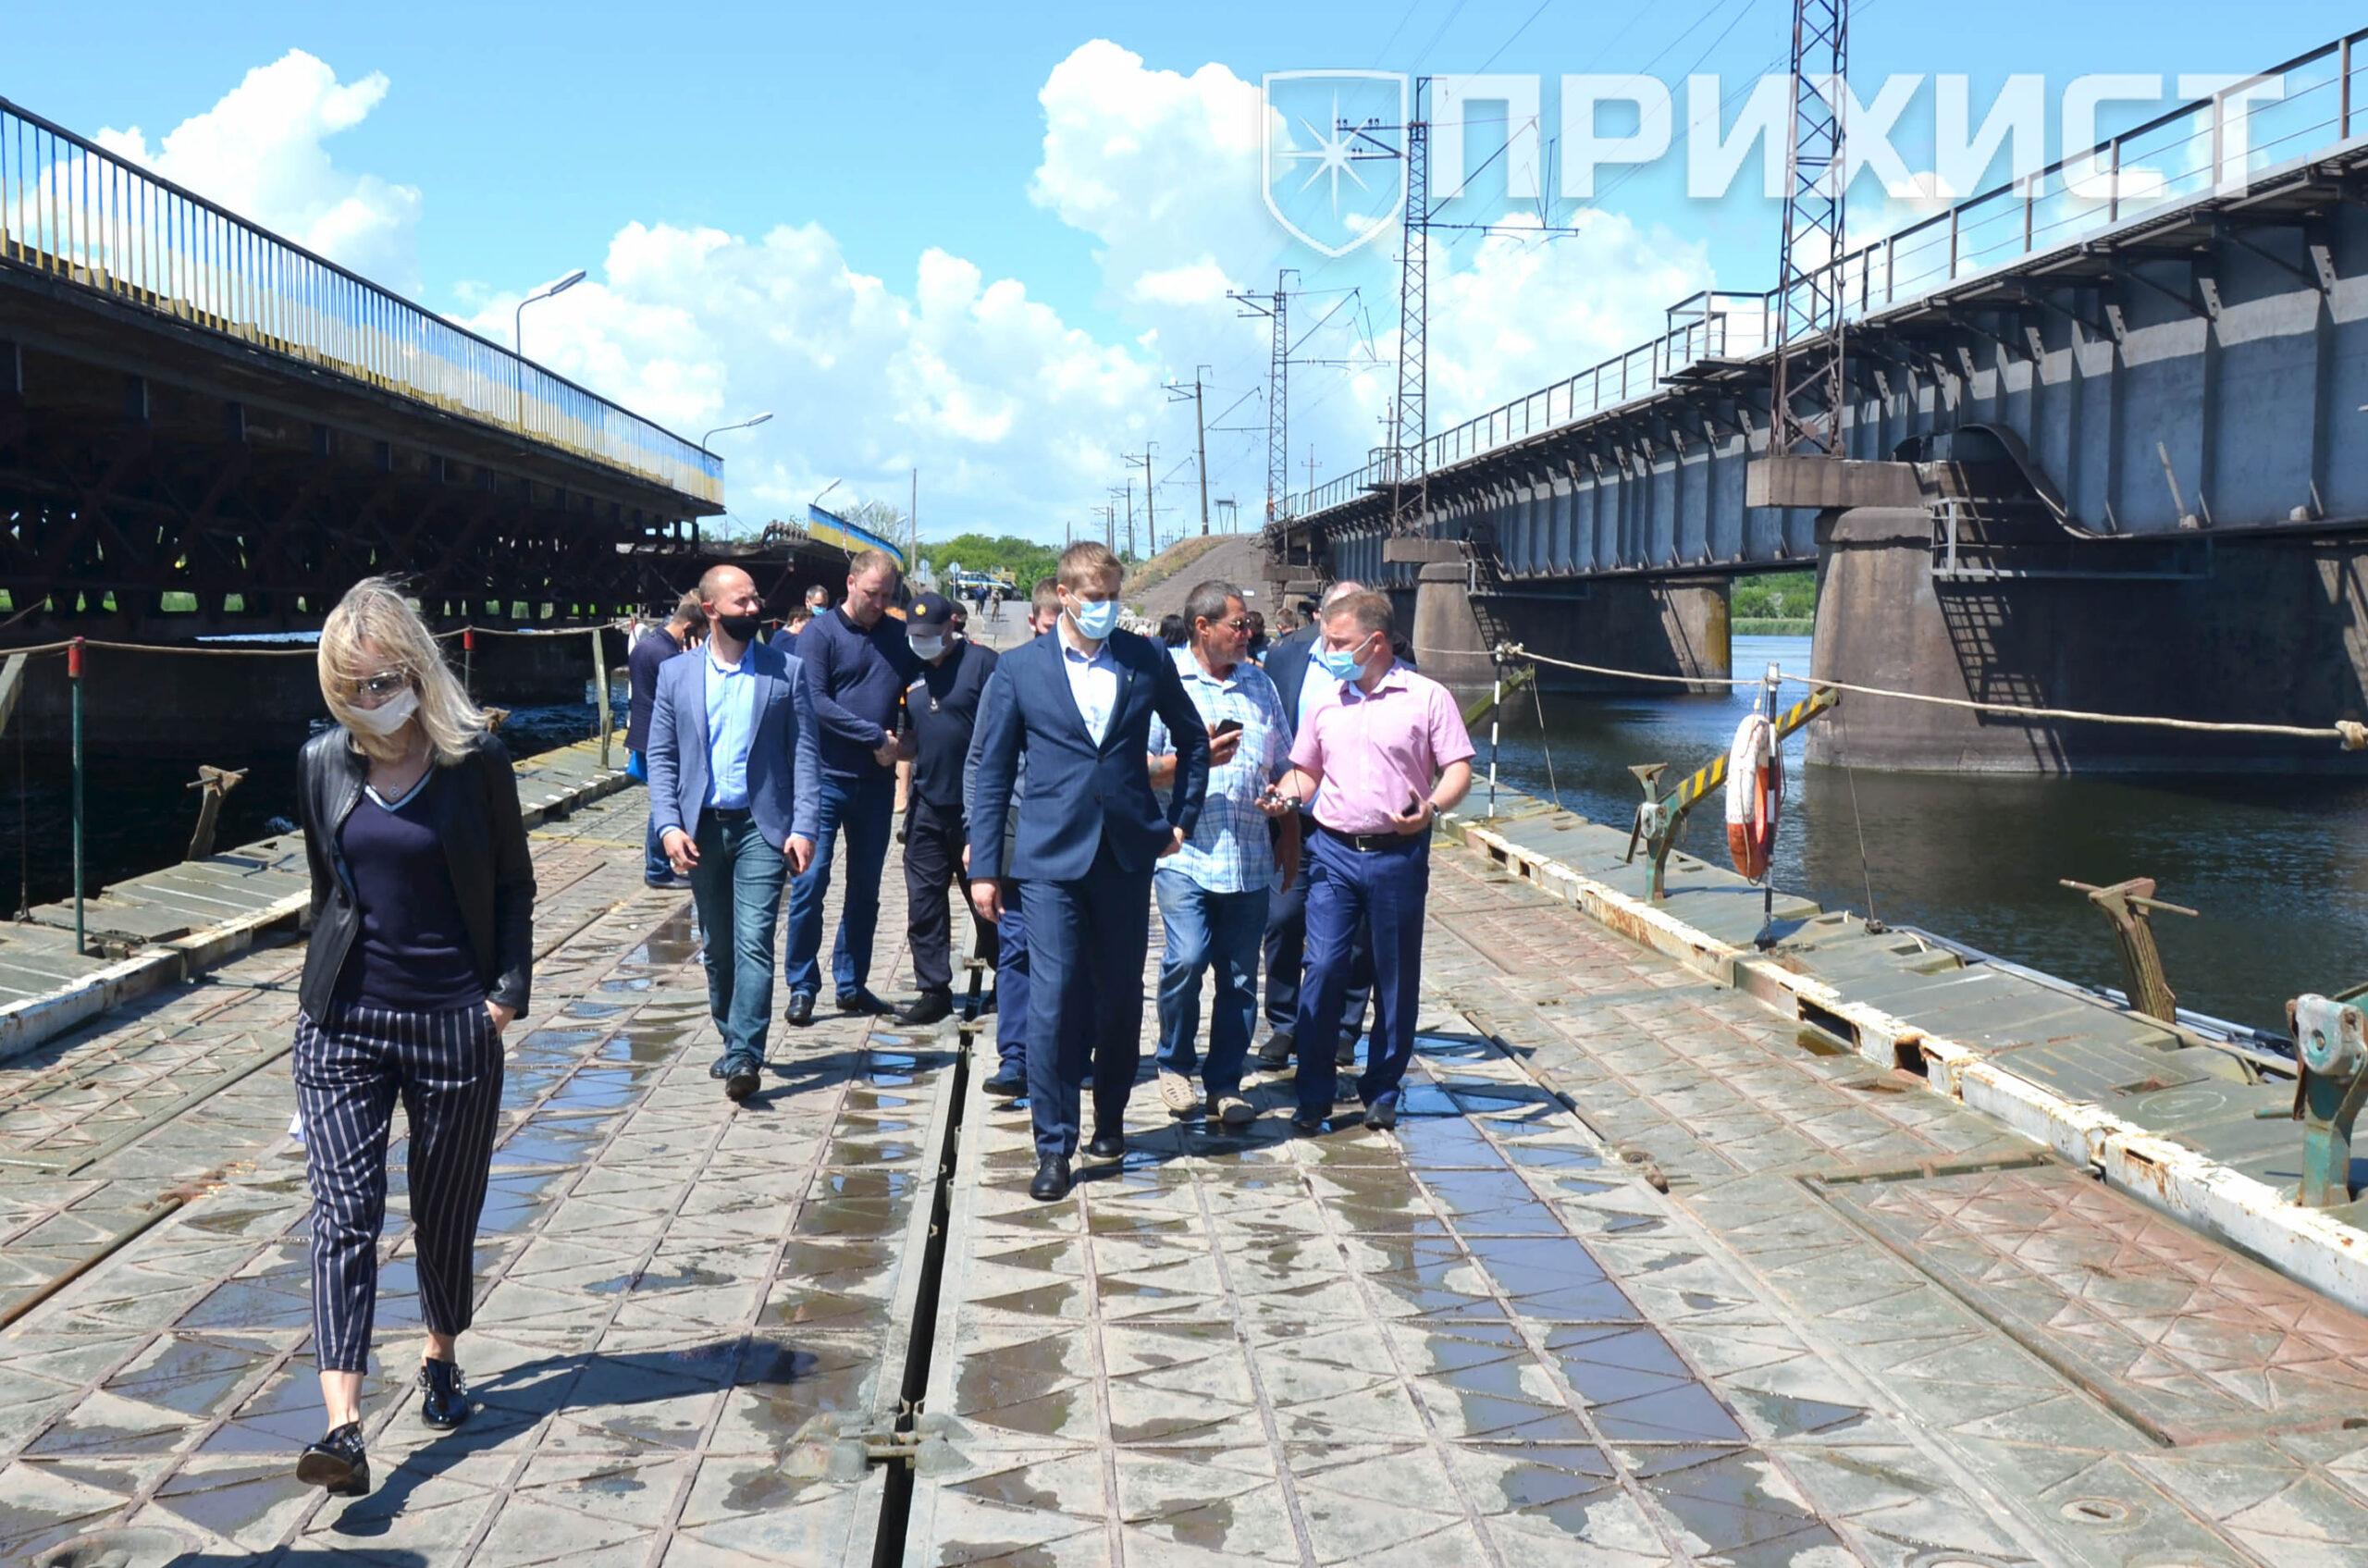 Губернатор Дніпропетровської області Олександр Бондаренко першим проїхав через понтонний міст | Прихист